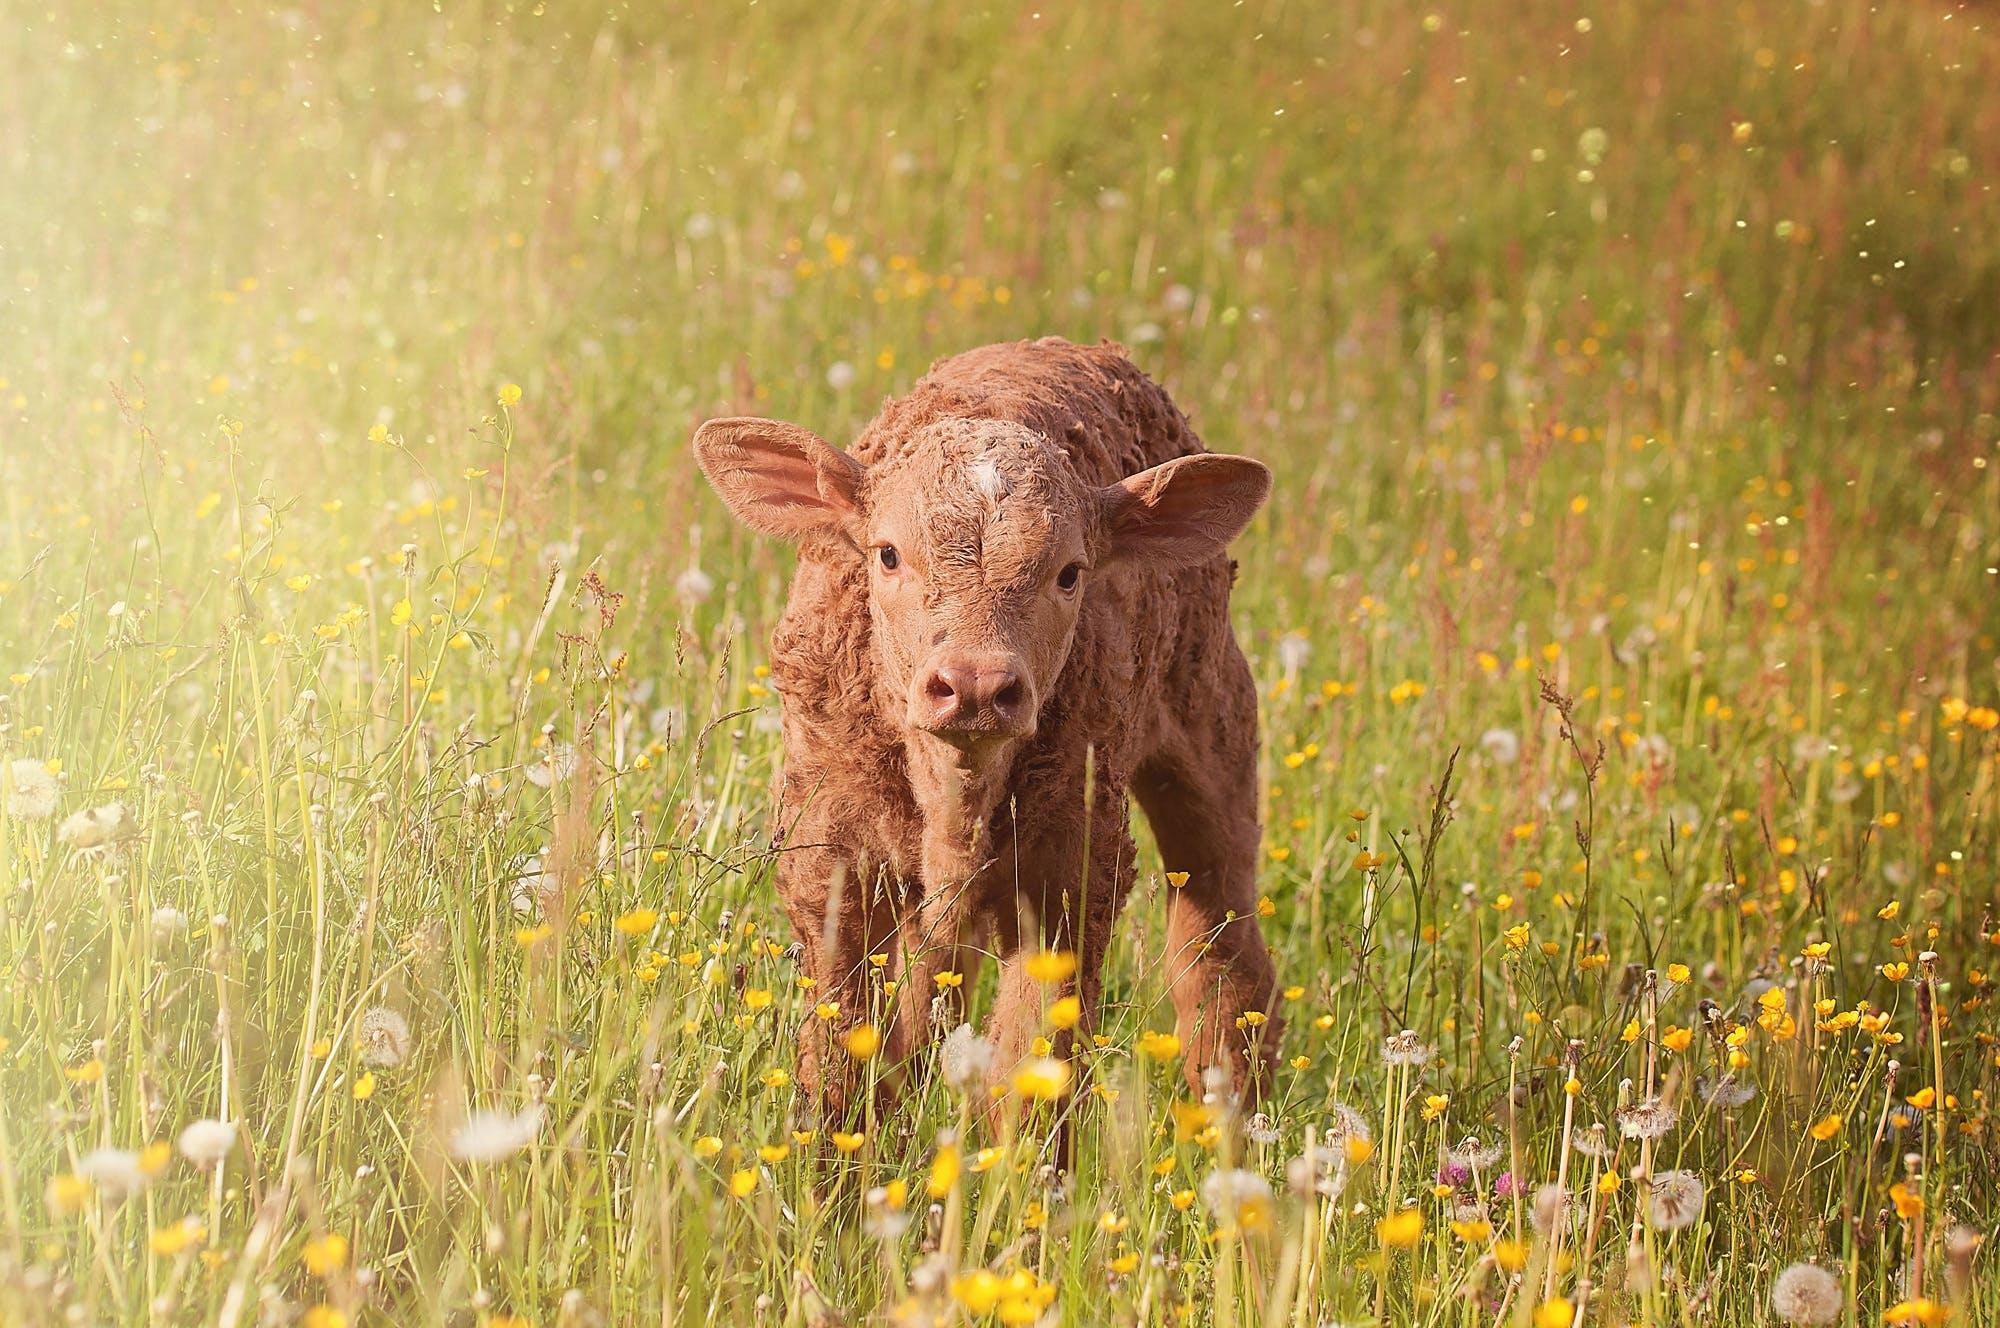 Brown Cub on Green Grass Field